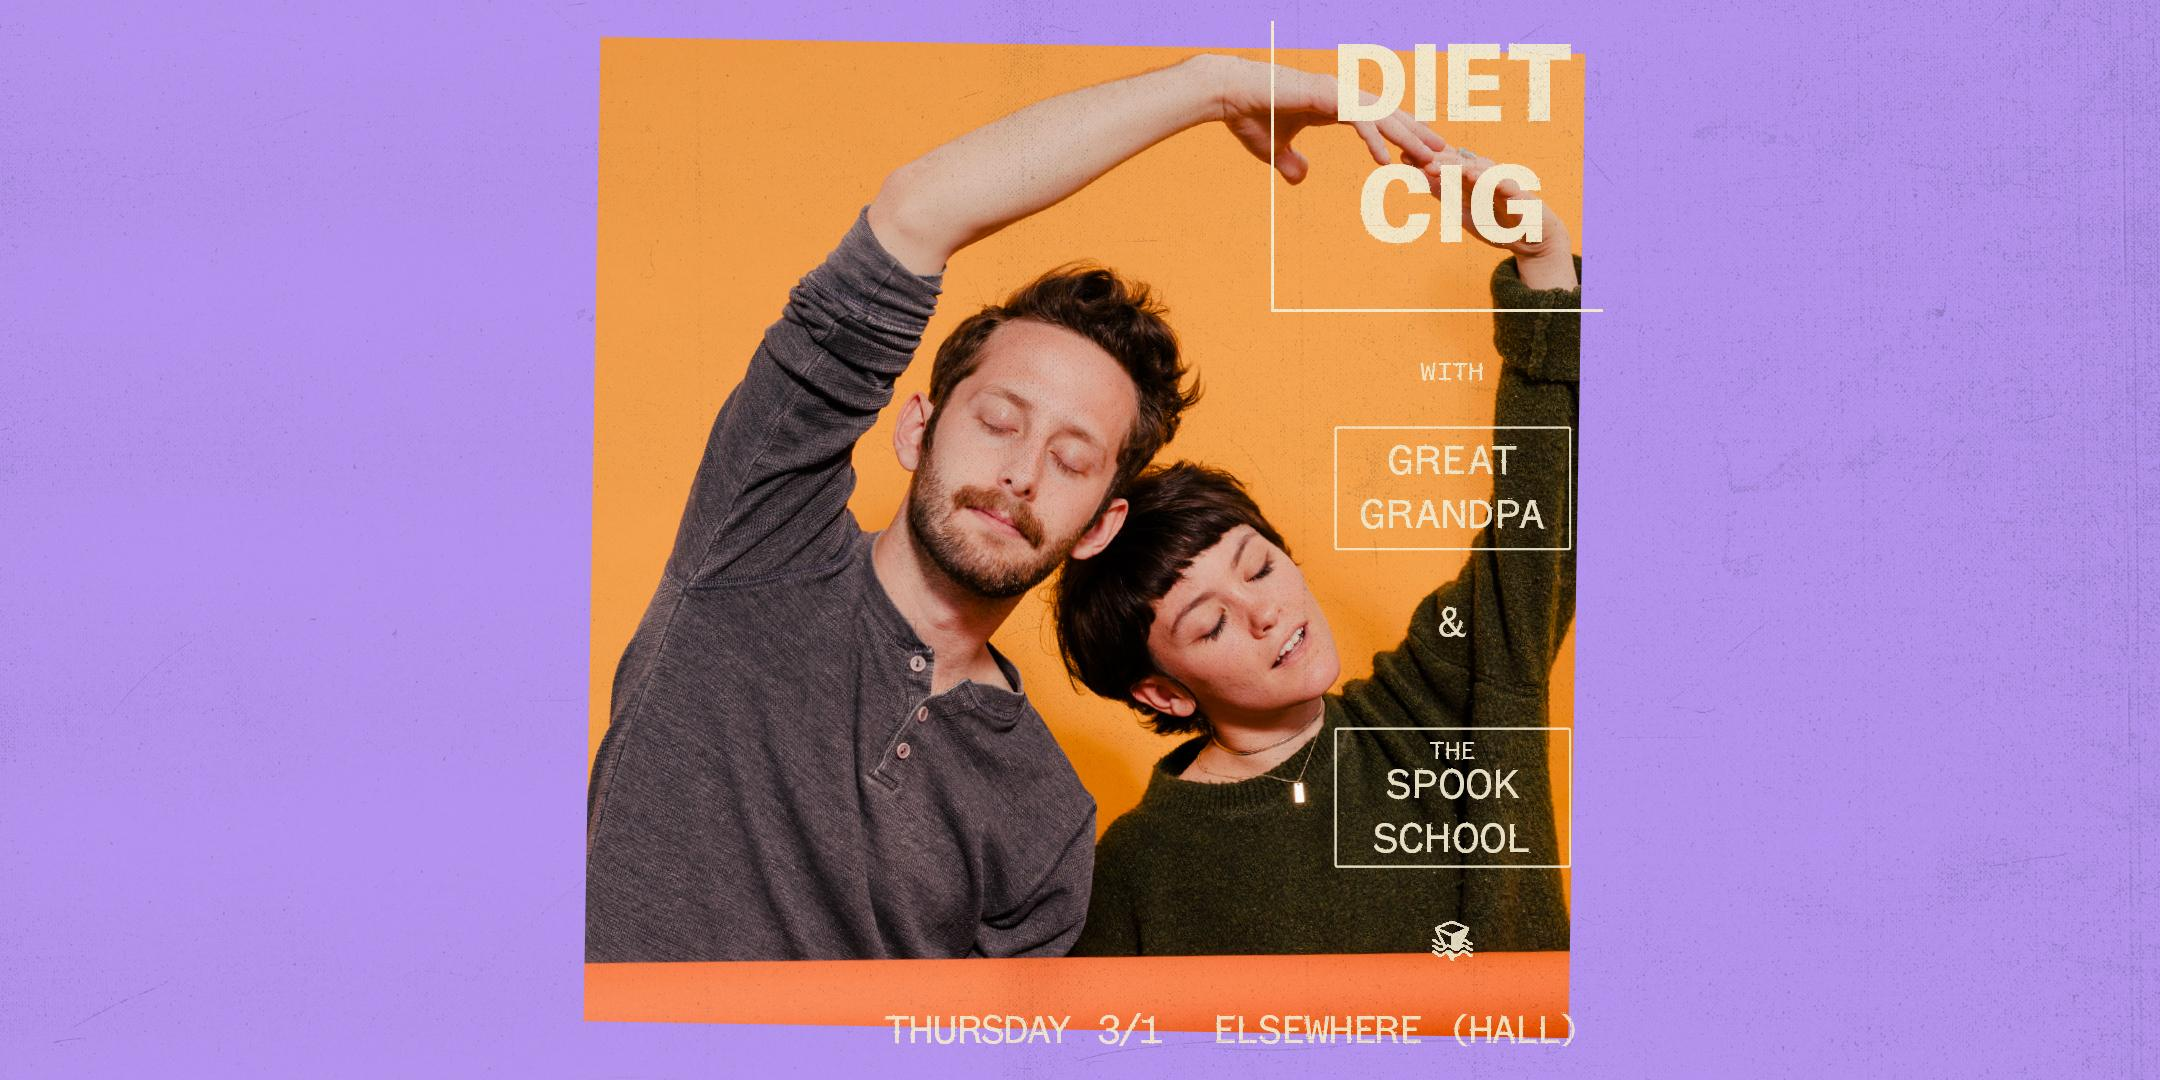 Diet Cig